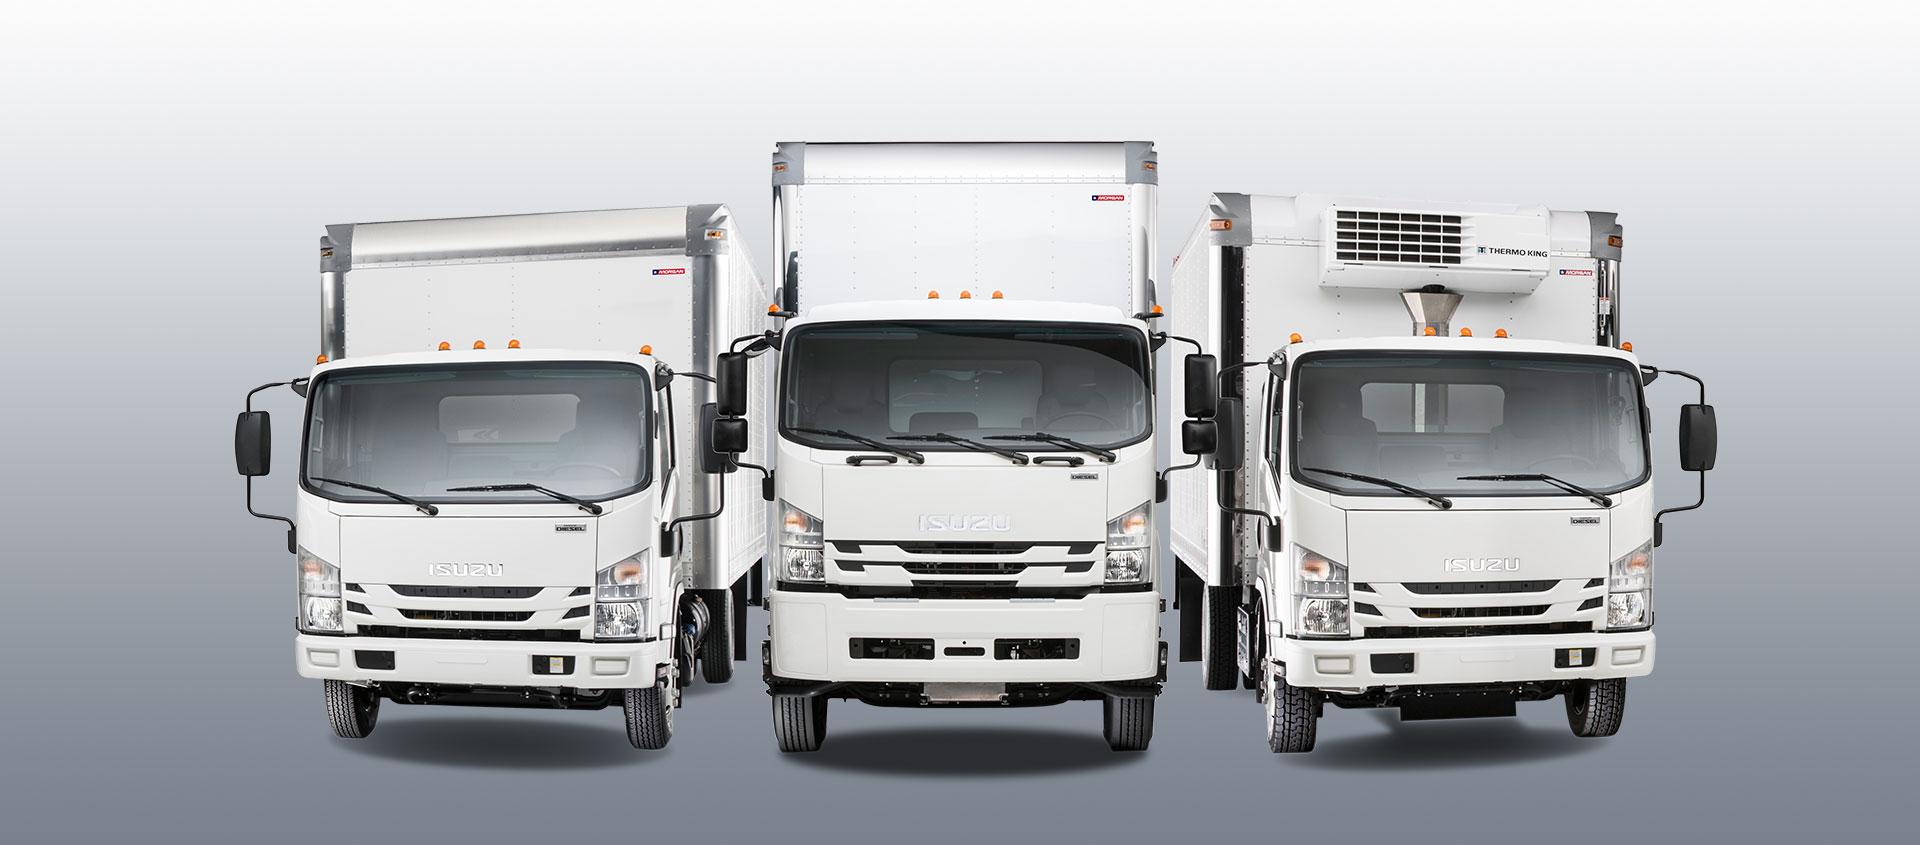 トラックドライバーの仕事とは